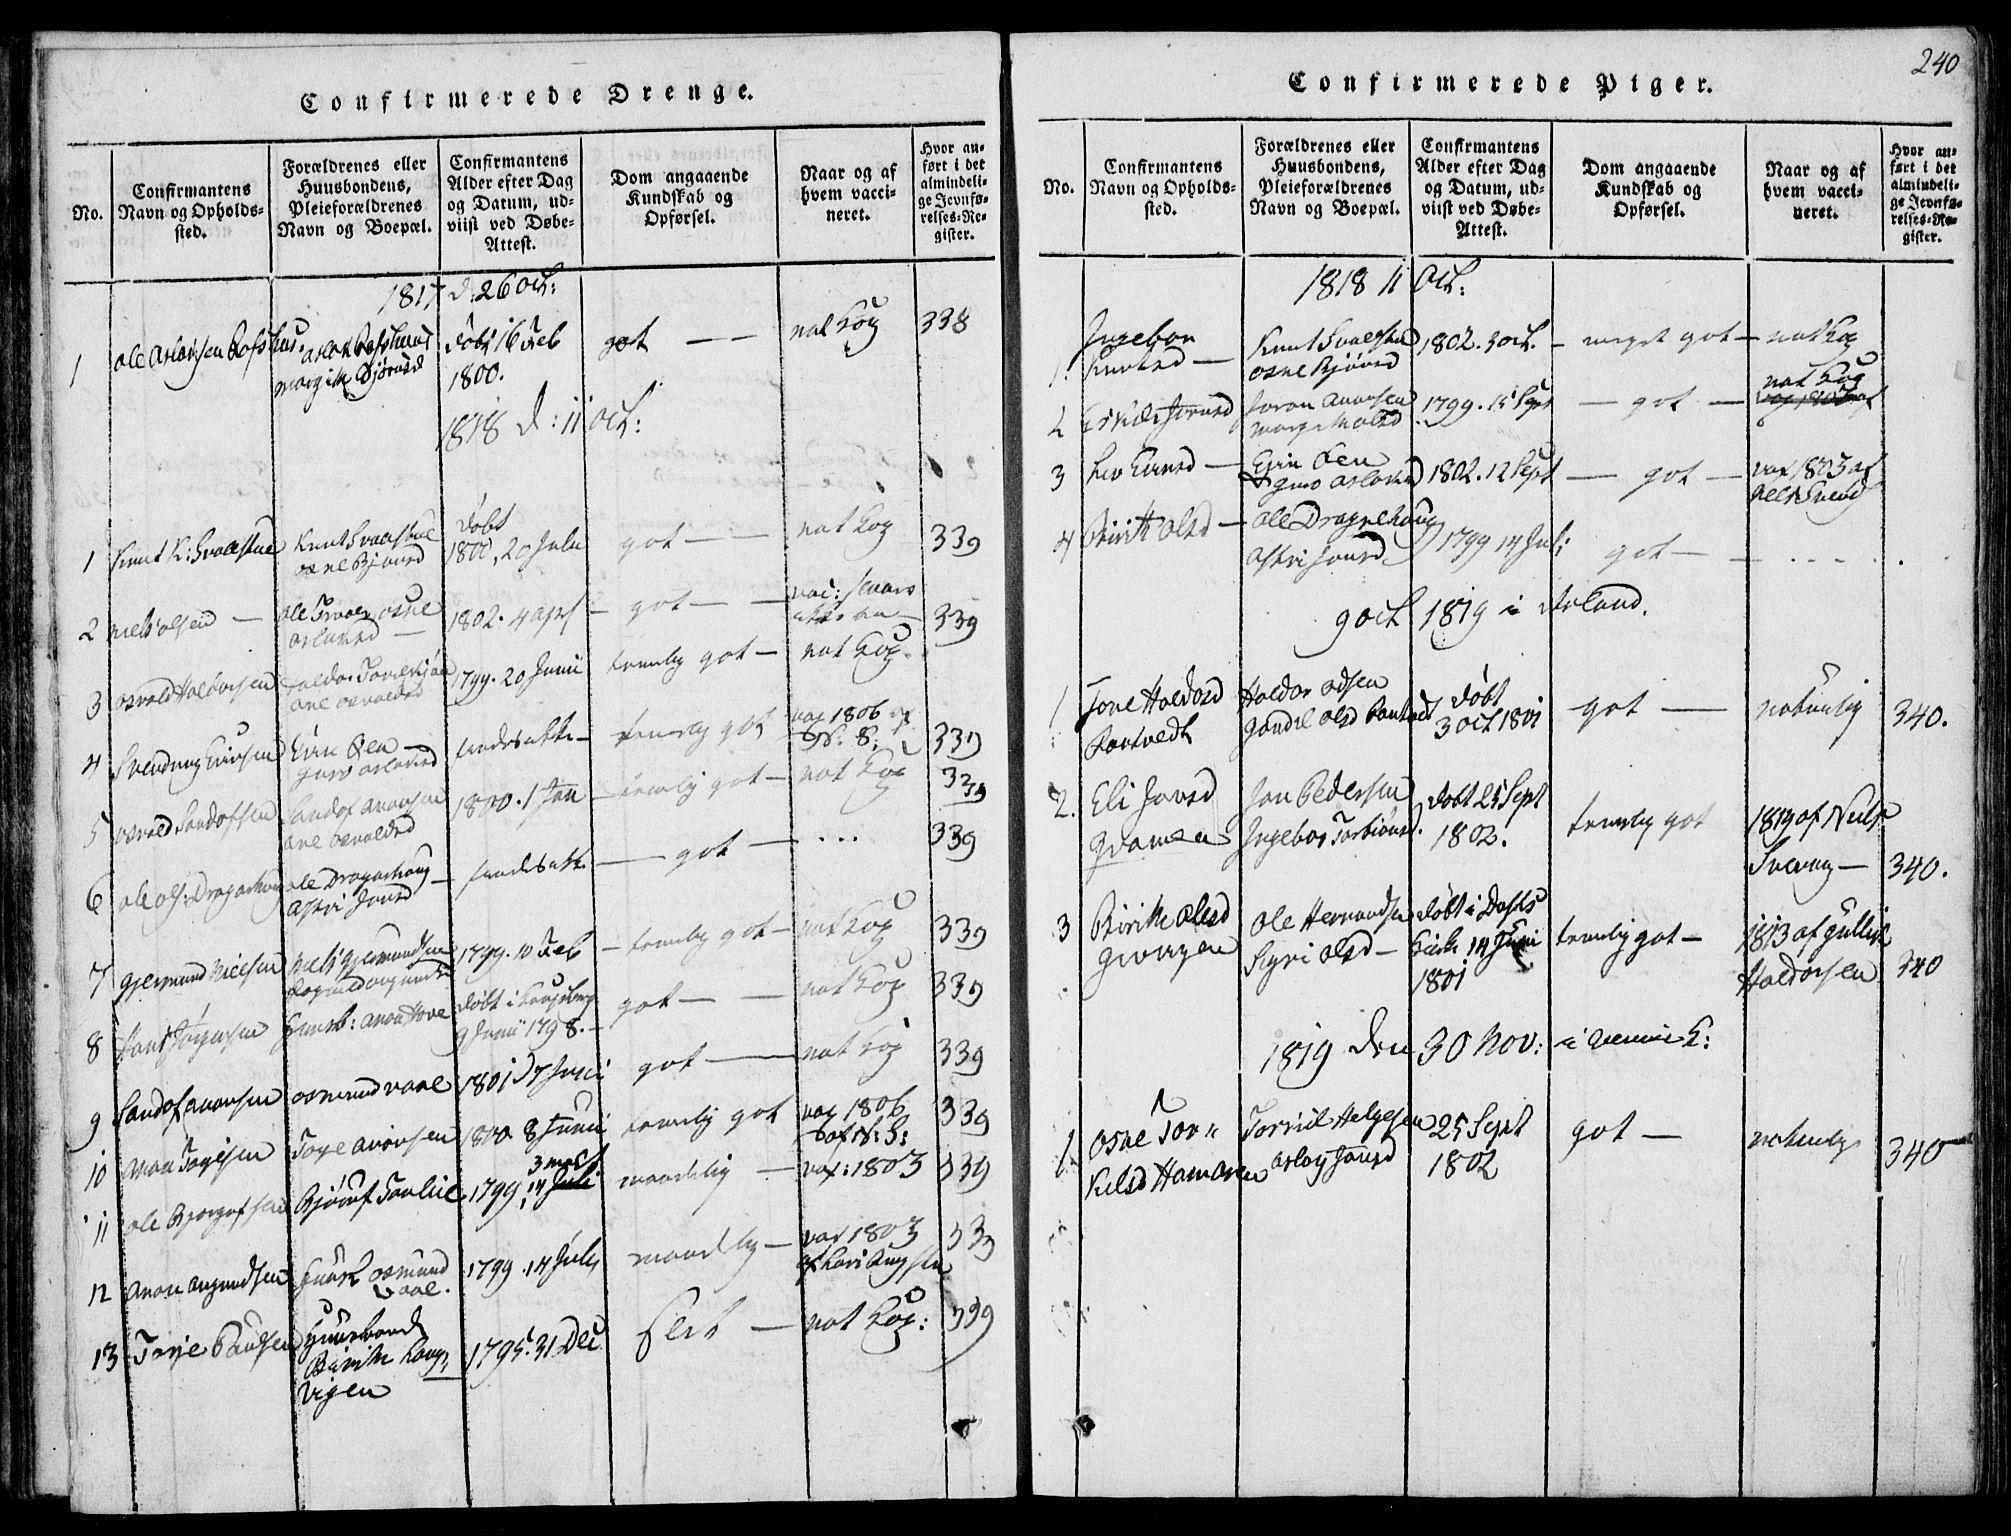 SAKO, Rauland kirkebøker, G/Ga/L0001: Klokkerbok nr. I 1, 1814-1843, s. 240